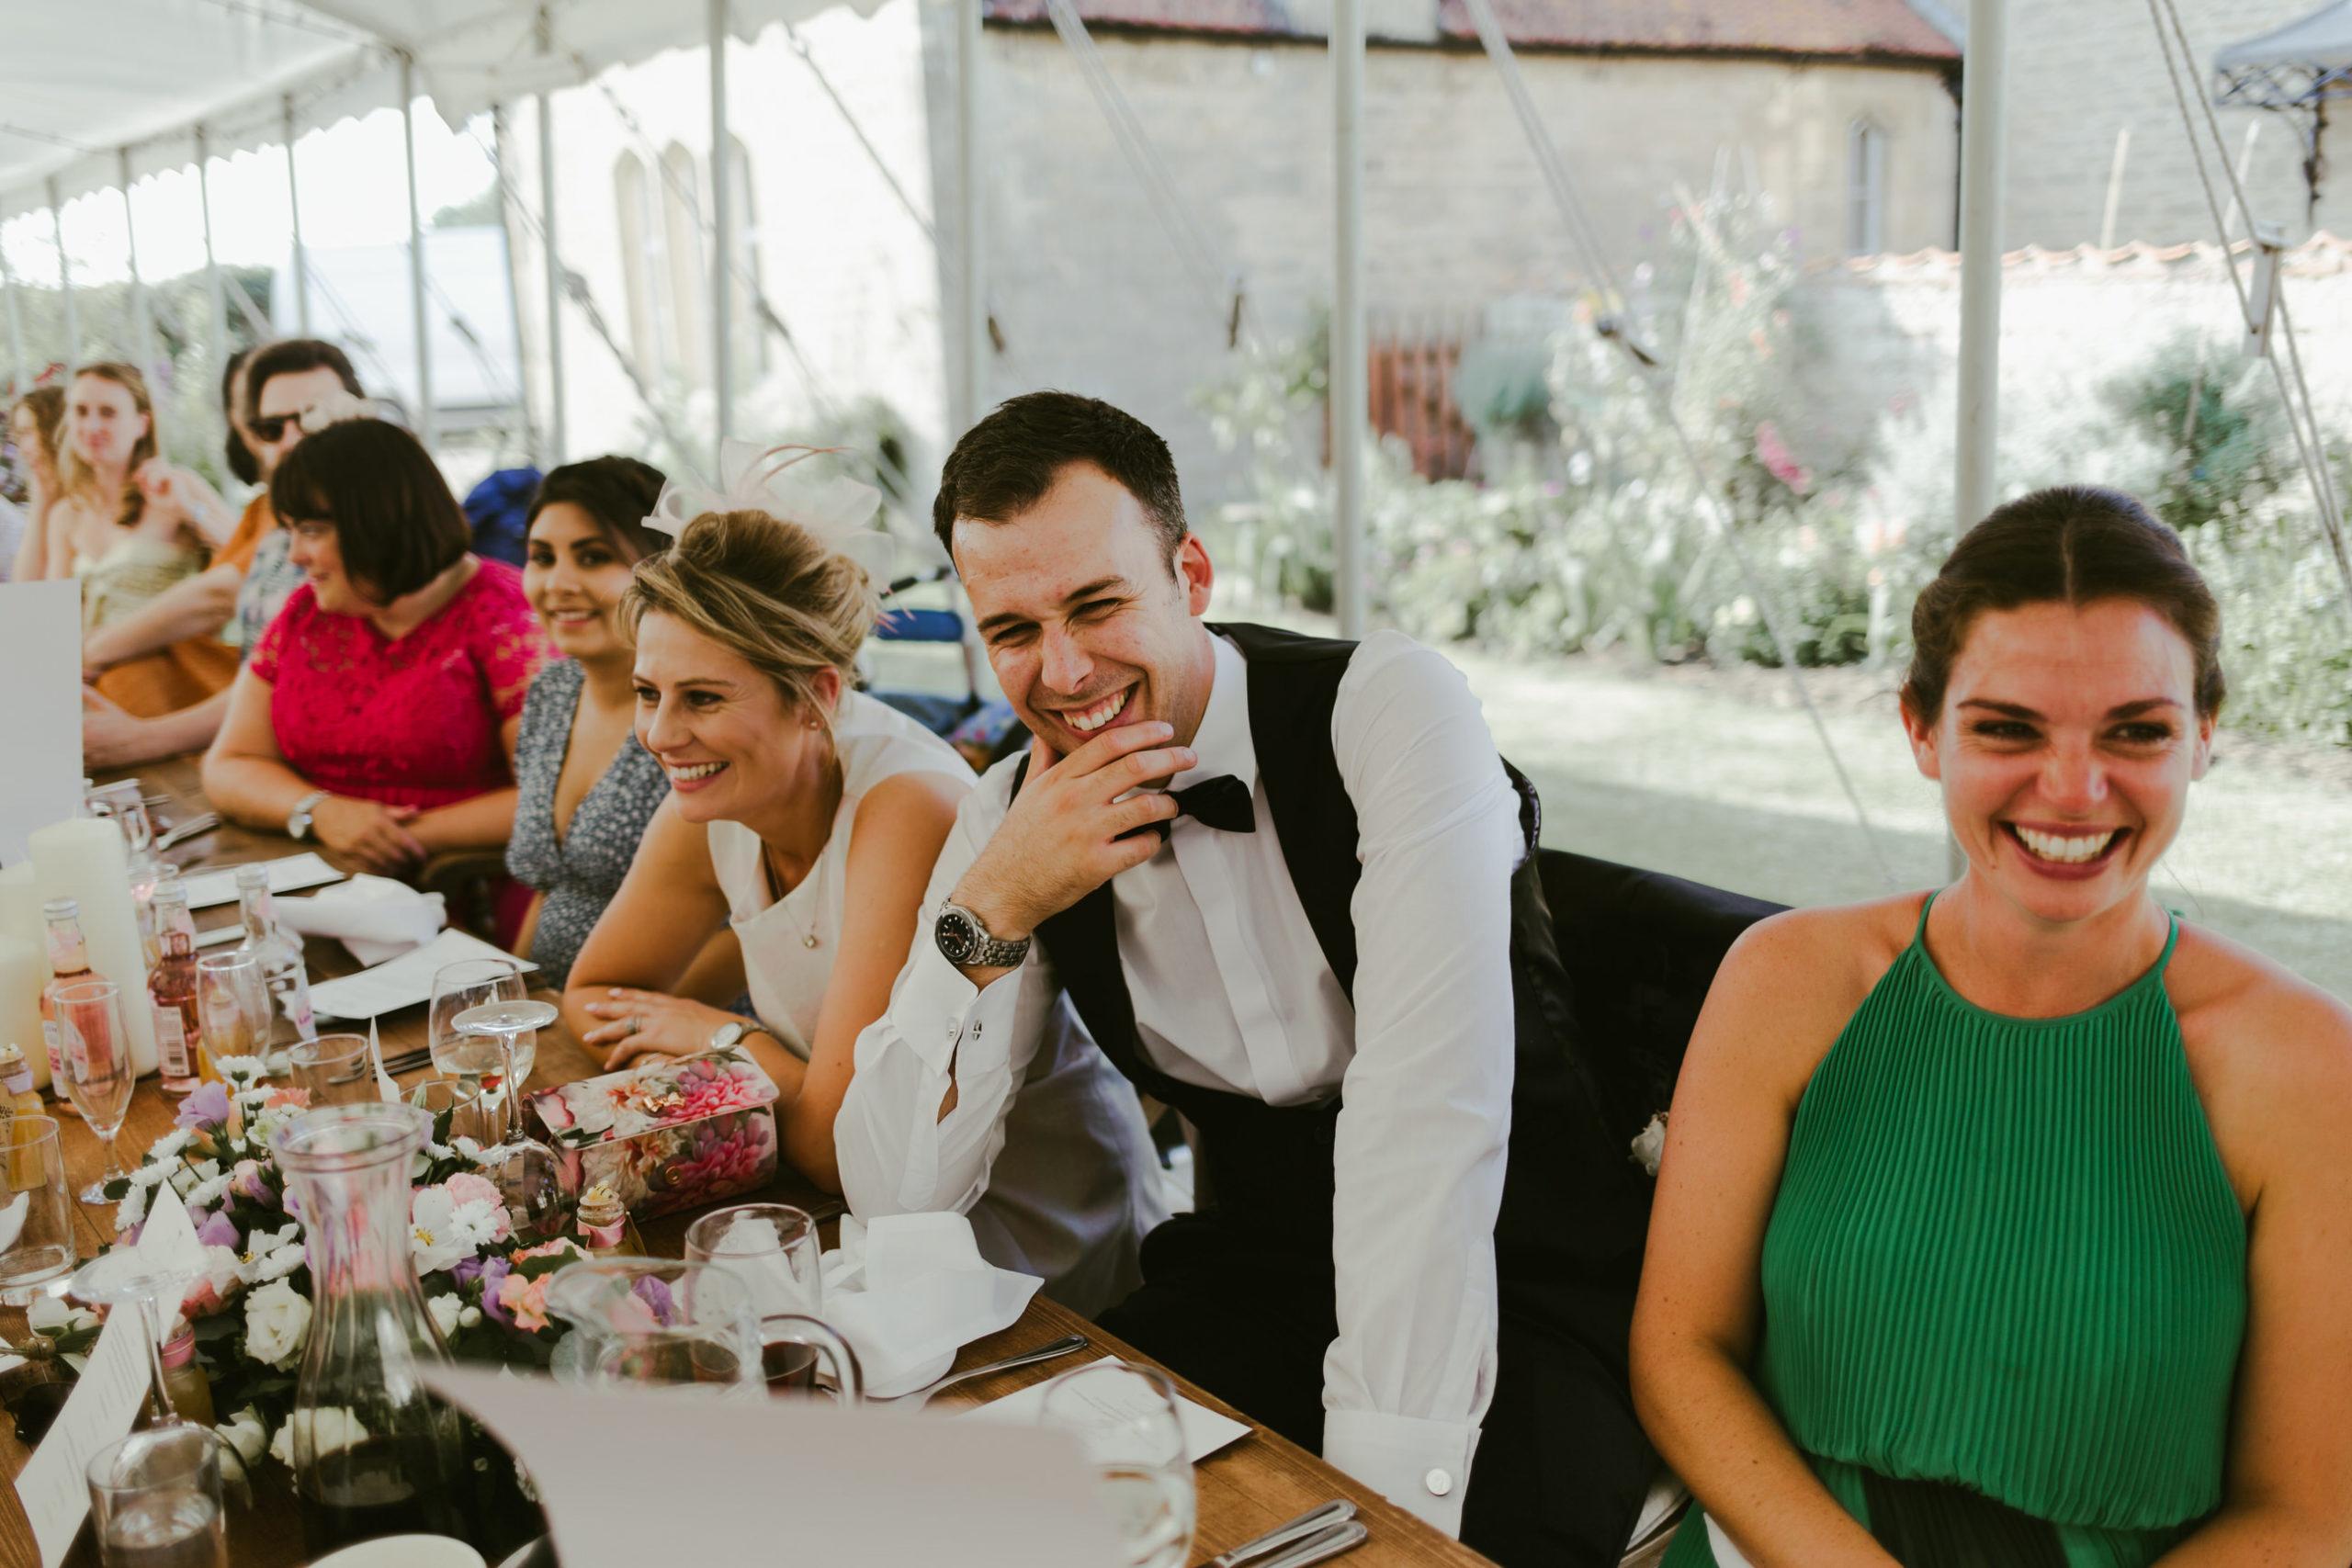 summer wedding back garden party marquee speeches